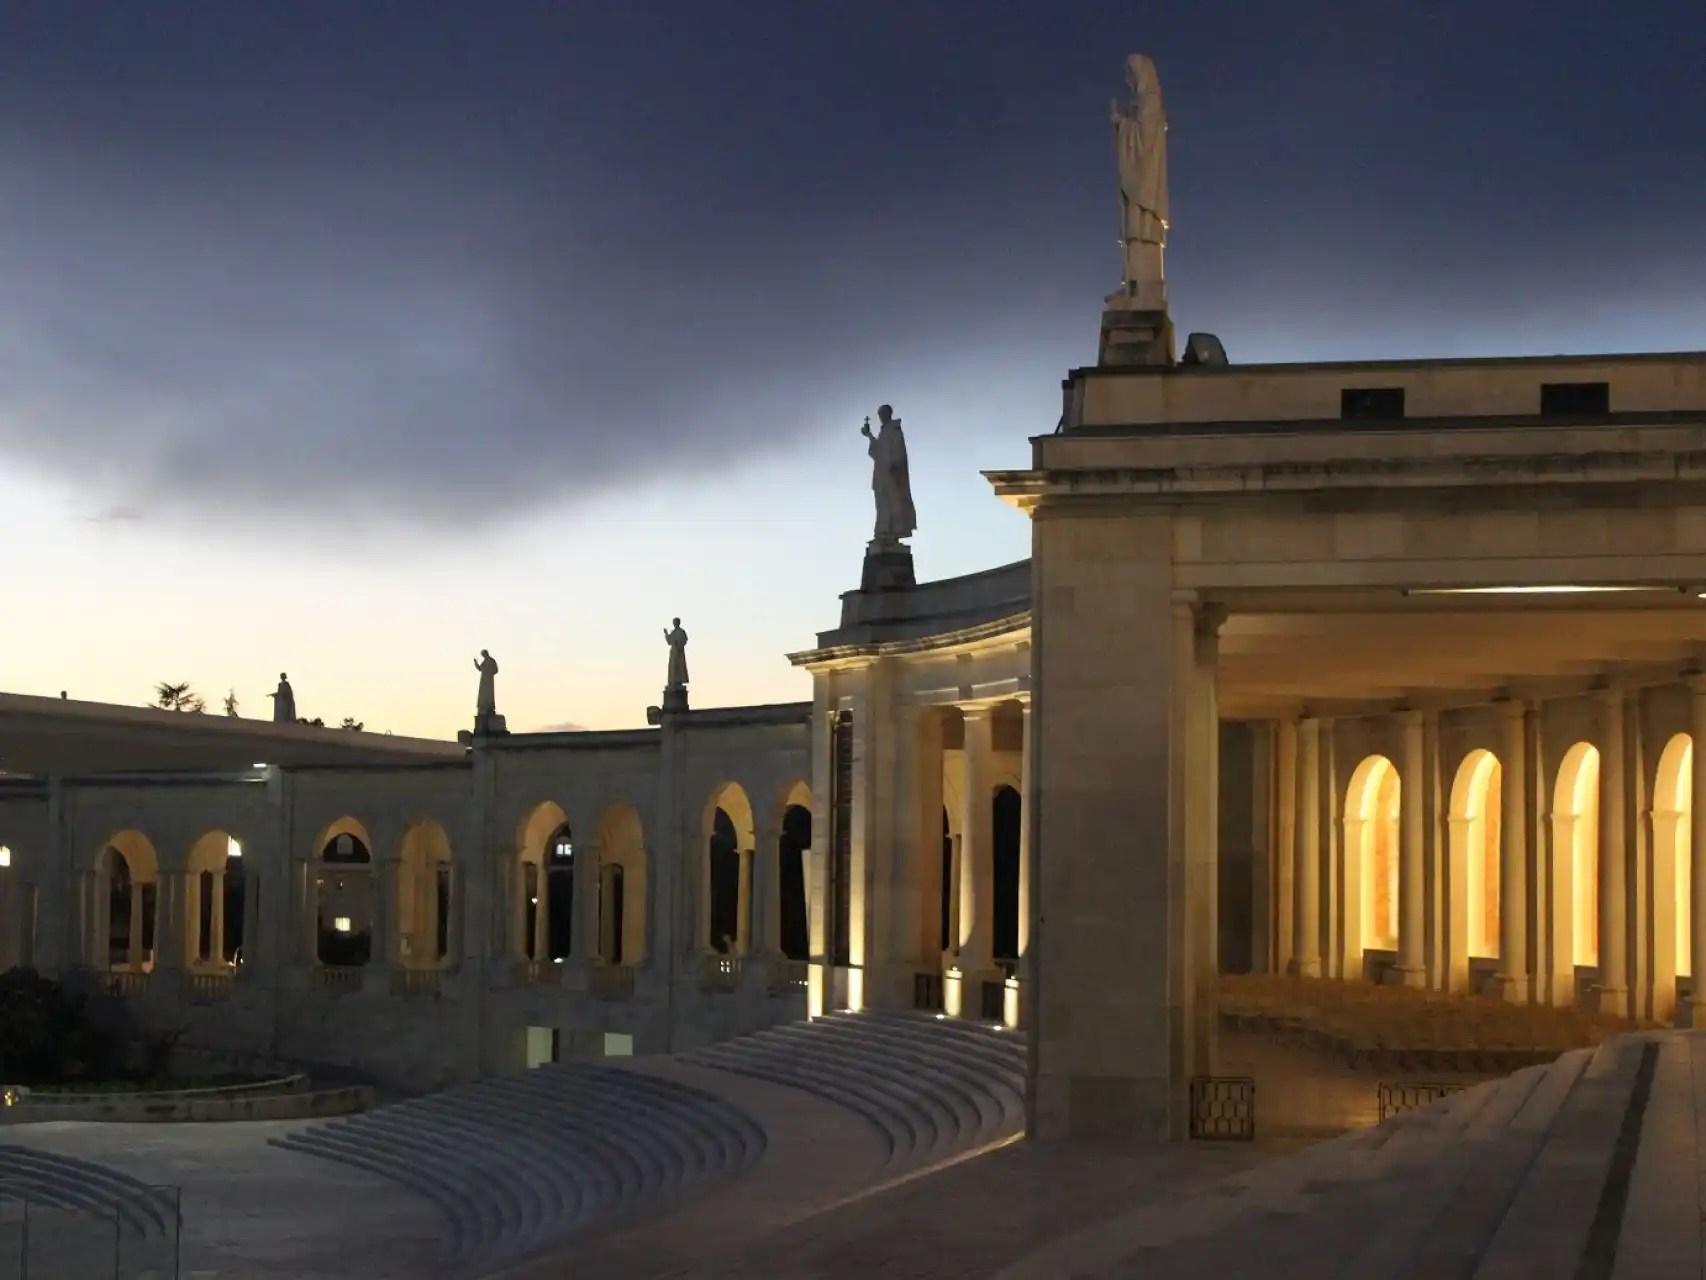 La Basílica preside la enorme explanada del Santuario de Fátima